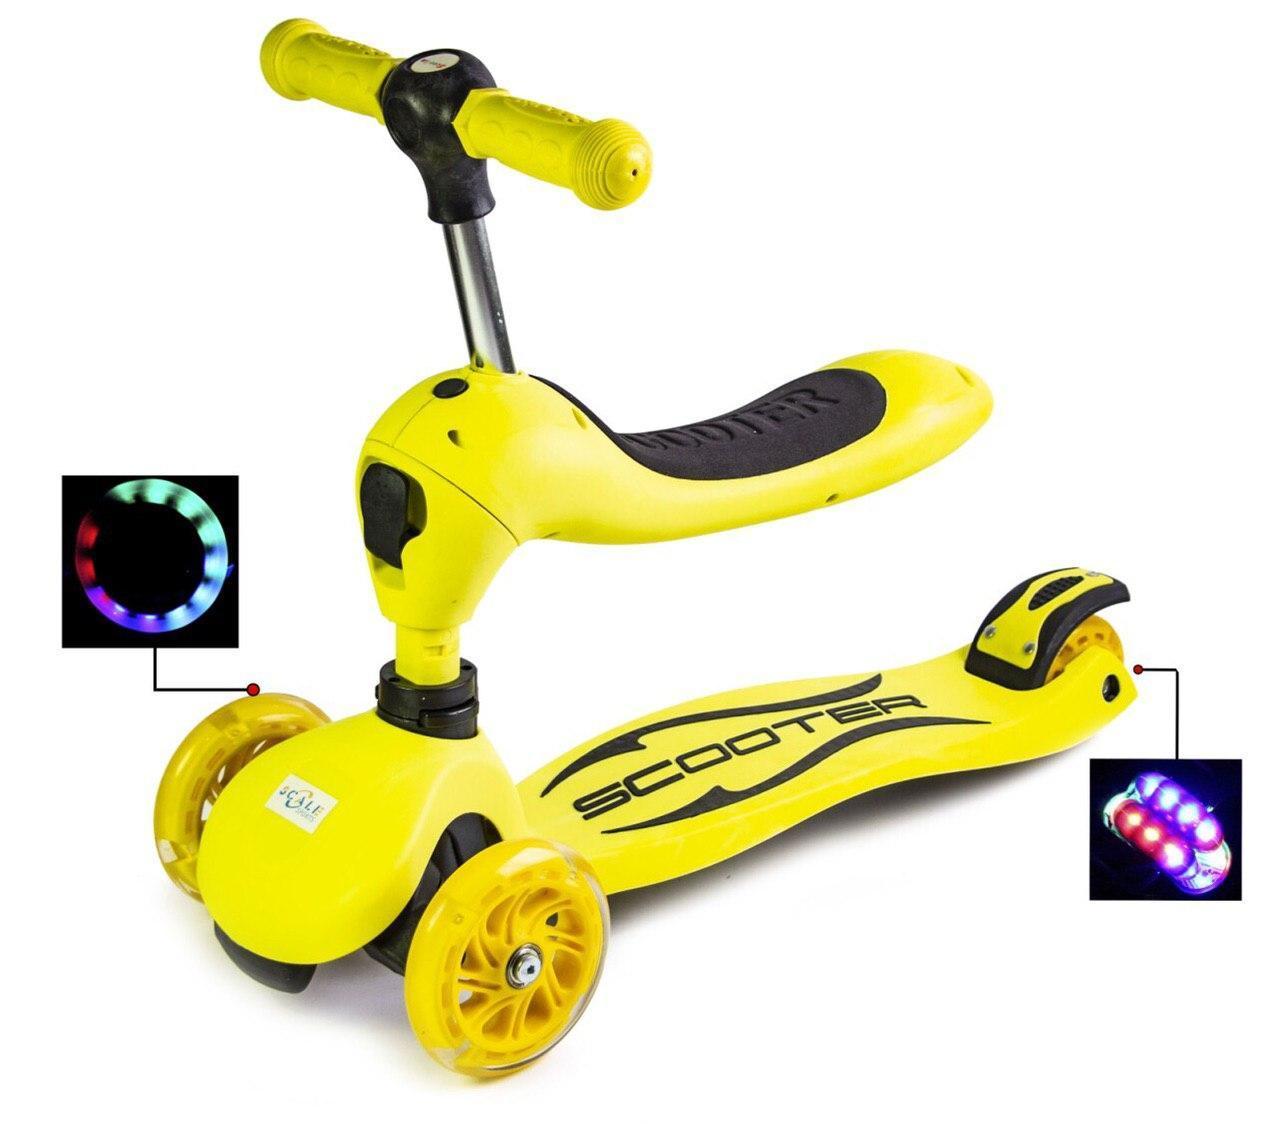 Детский трехколесный самокат Scooter Беговел 2 в 1 (от 1,5 лет, до 50 кг, регулир.руль) желтый